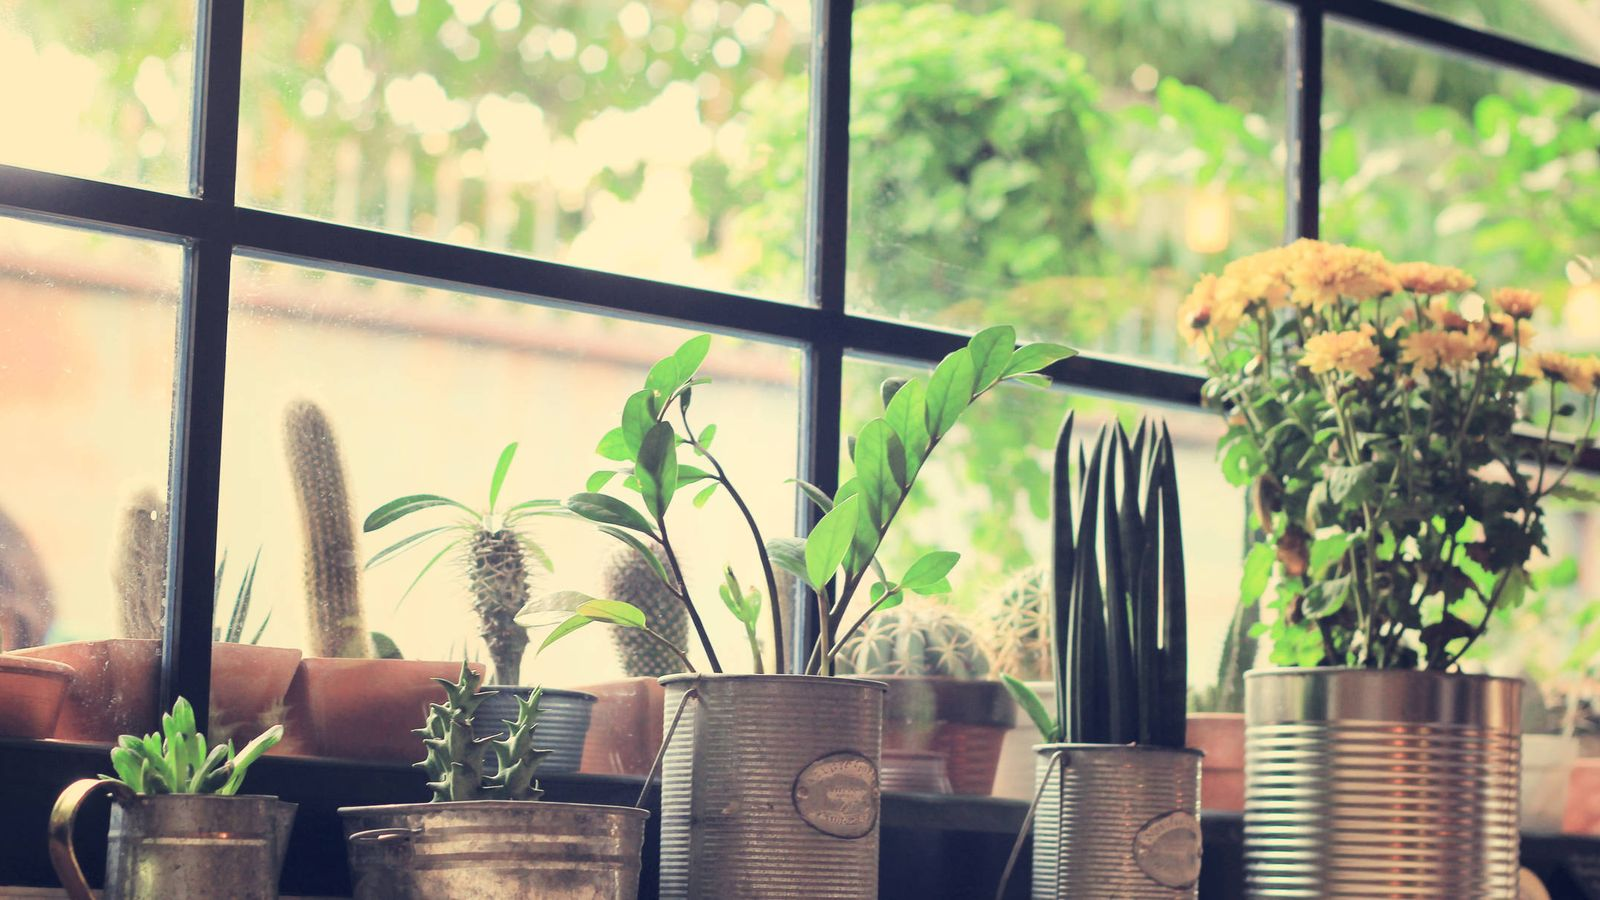 Trucos c mo conseguir por fin que las plantas de tu casa no se te mueran - Por fin vas a ordenar tu casa ...